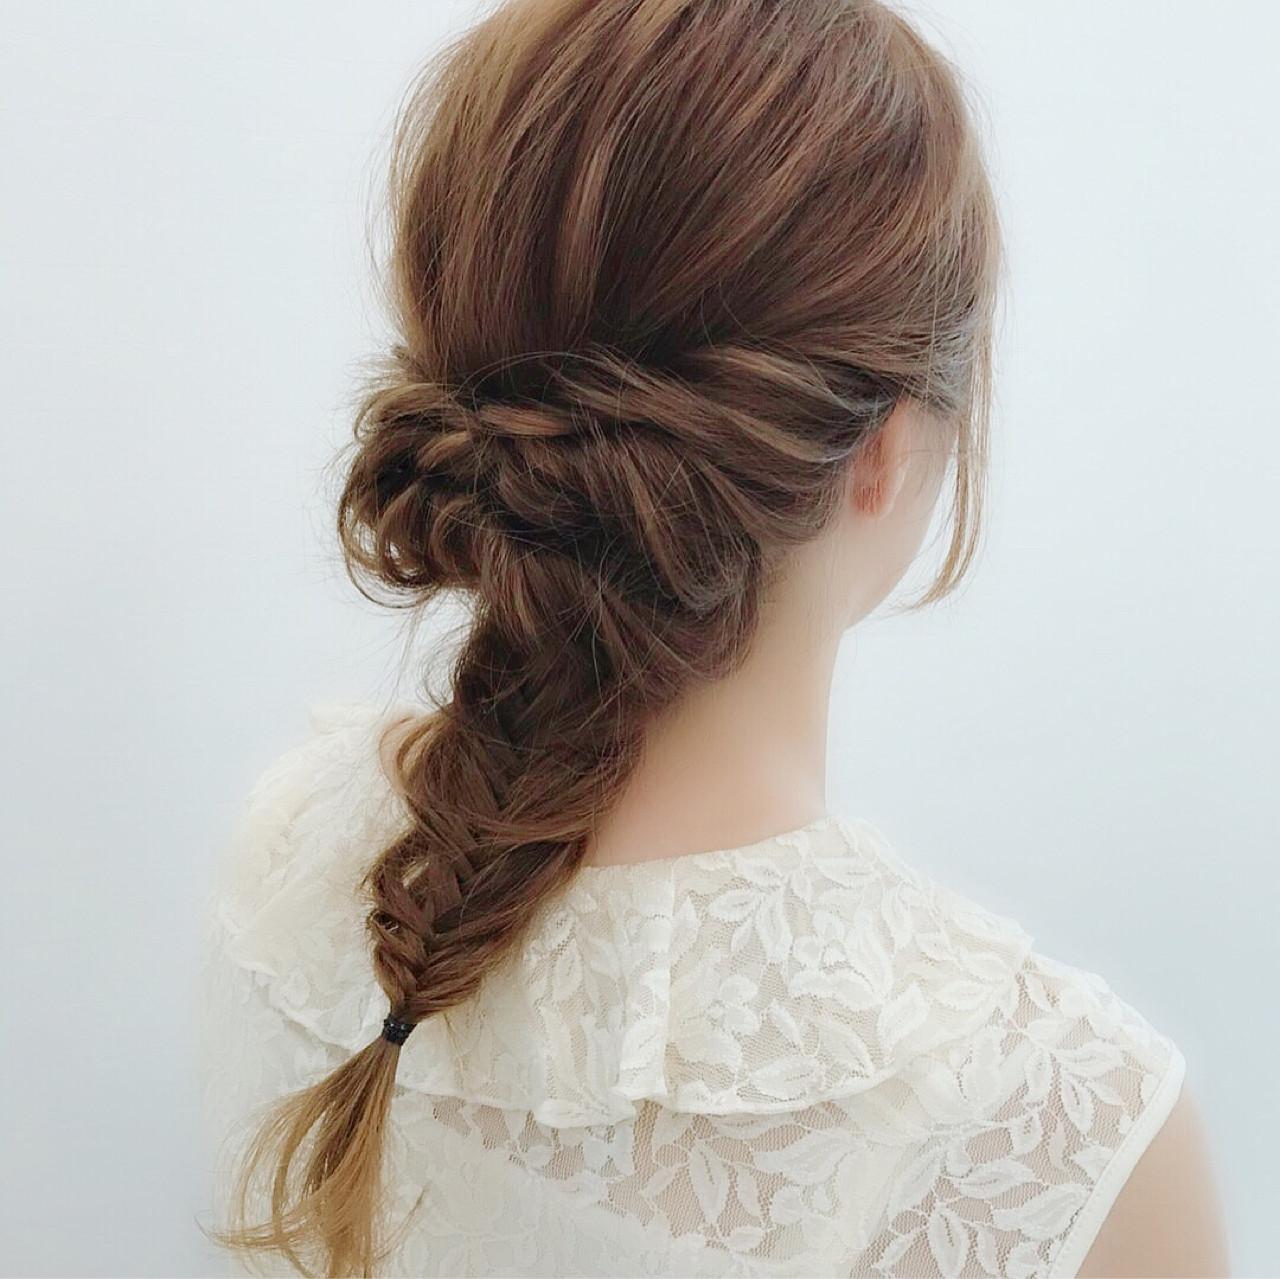 フェミニン ミディアム 結婚式 ヘアスタイルや髪型の写真・画像